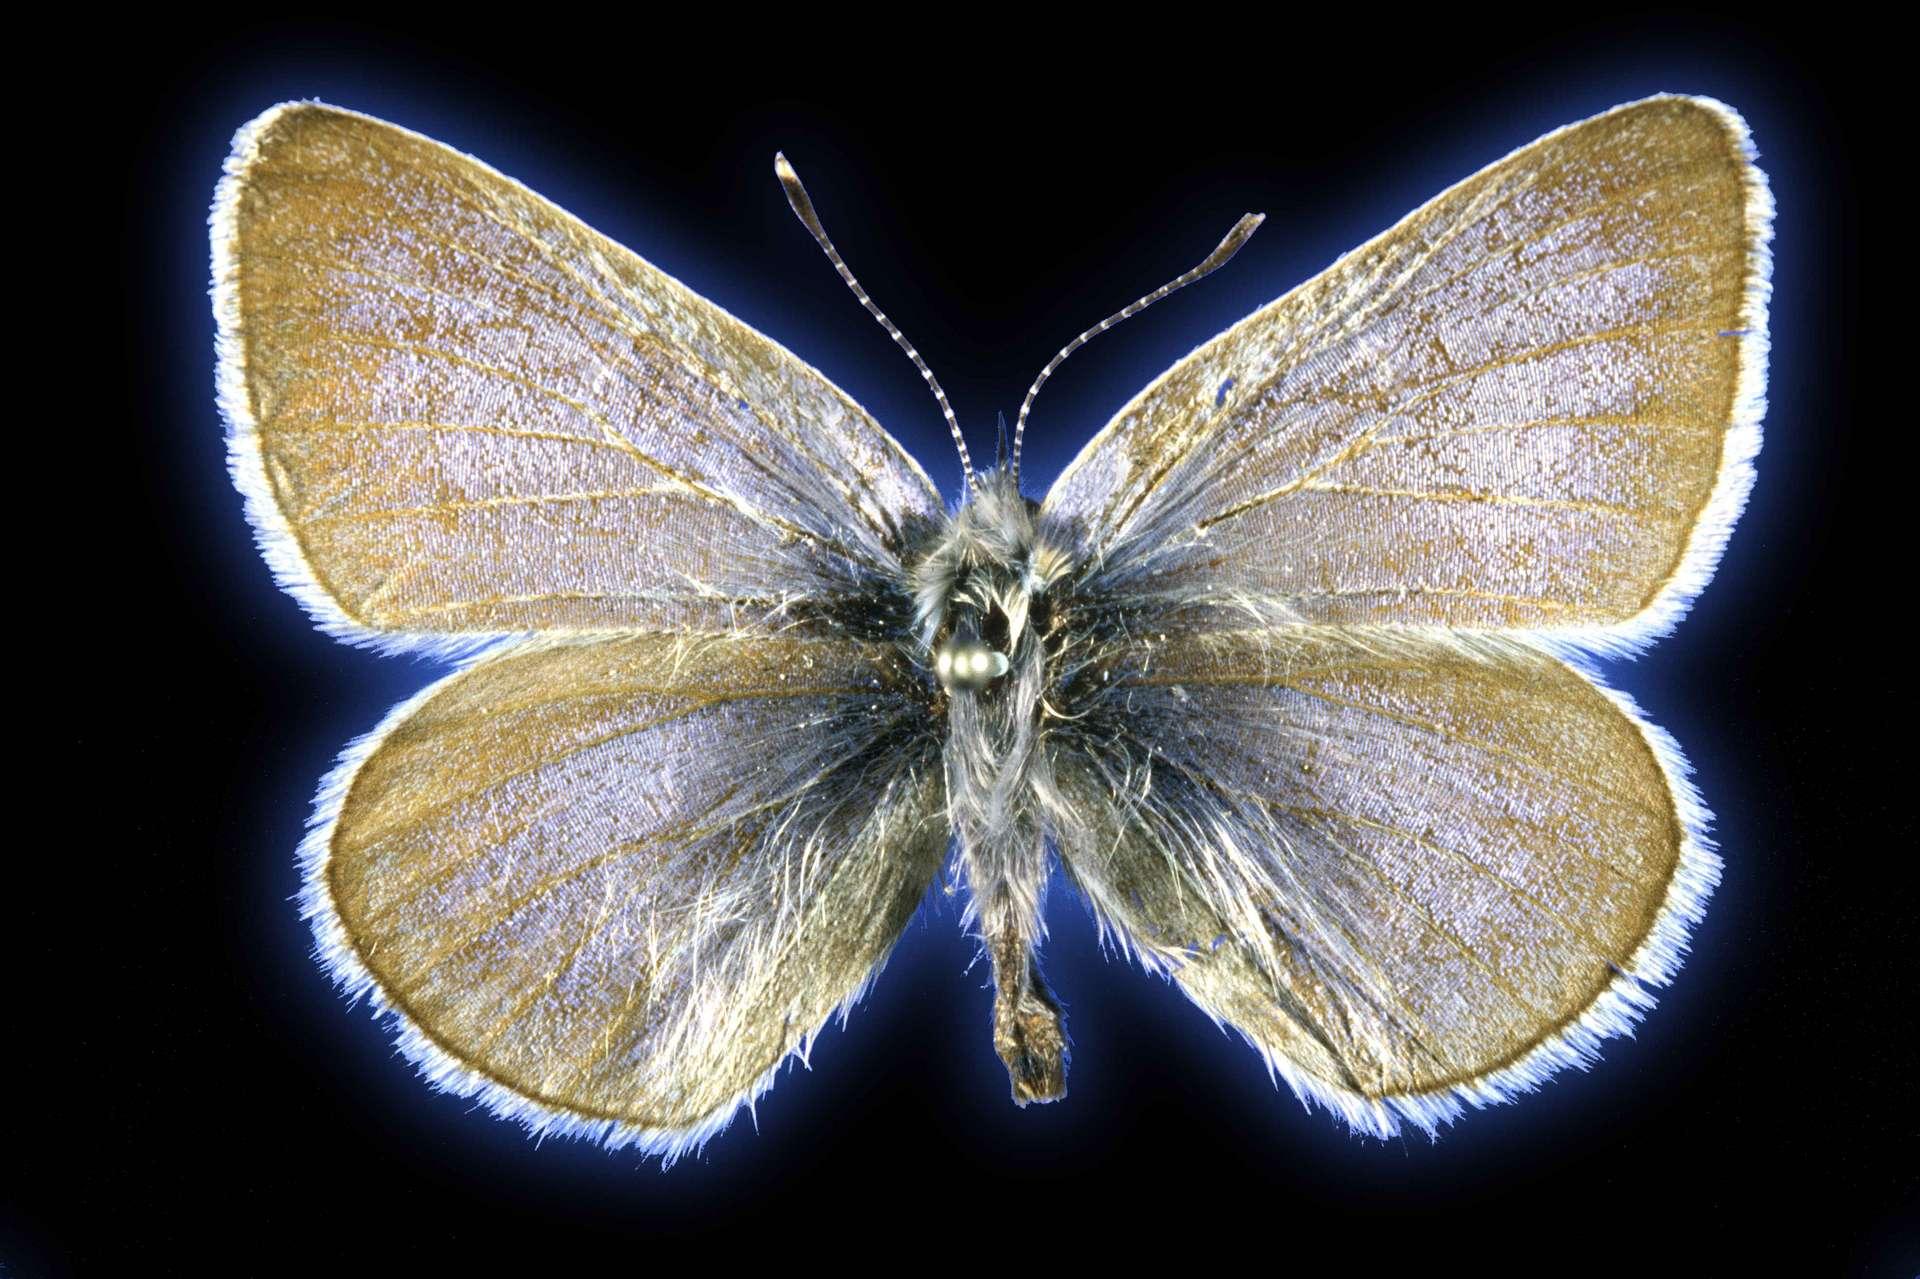 Le papillon bleu Xerces a disparu depuis près d'un siècle en Amérique du Nord. © Field Museum